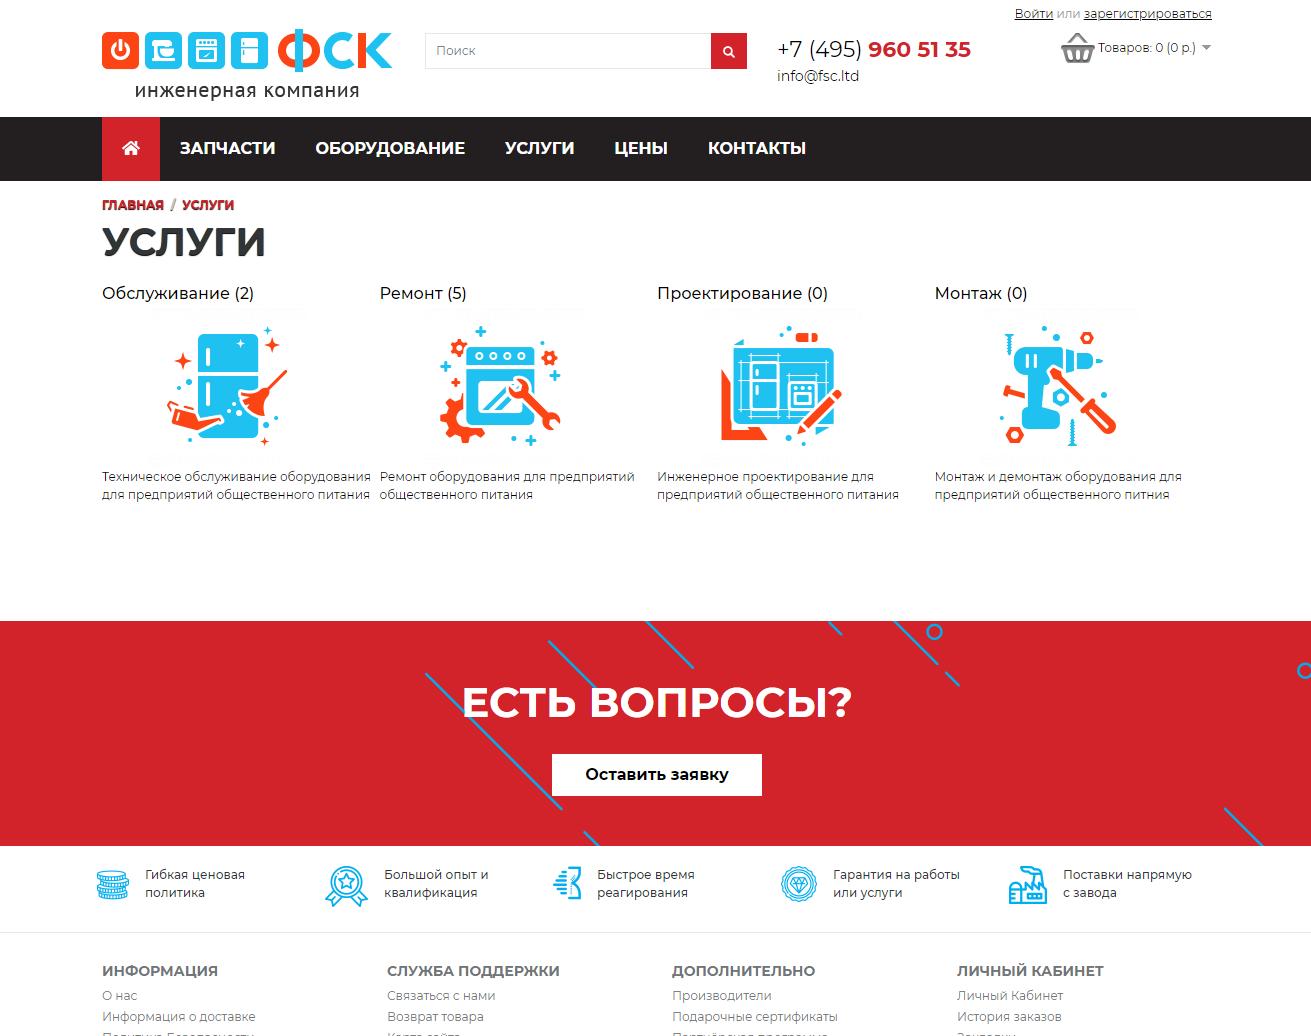 Техника, сервис • Цветные solid иконки + редизайн лого